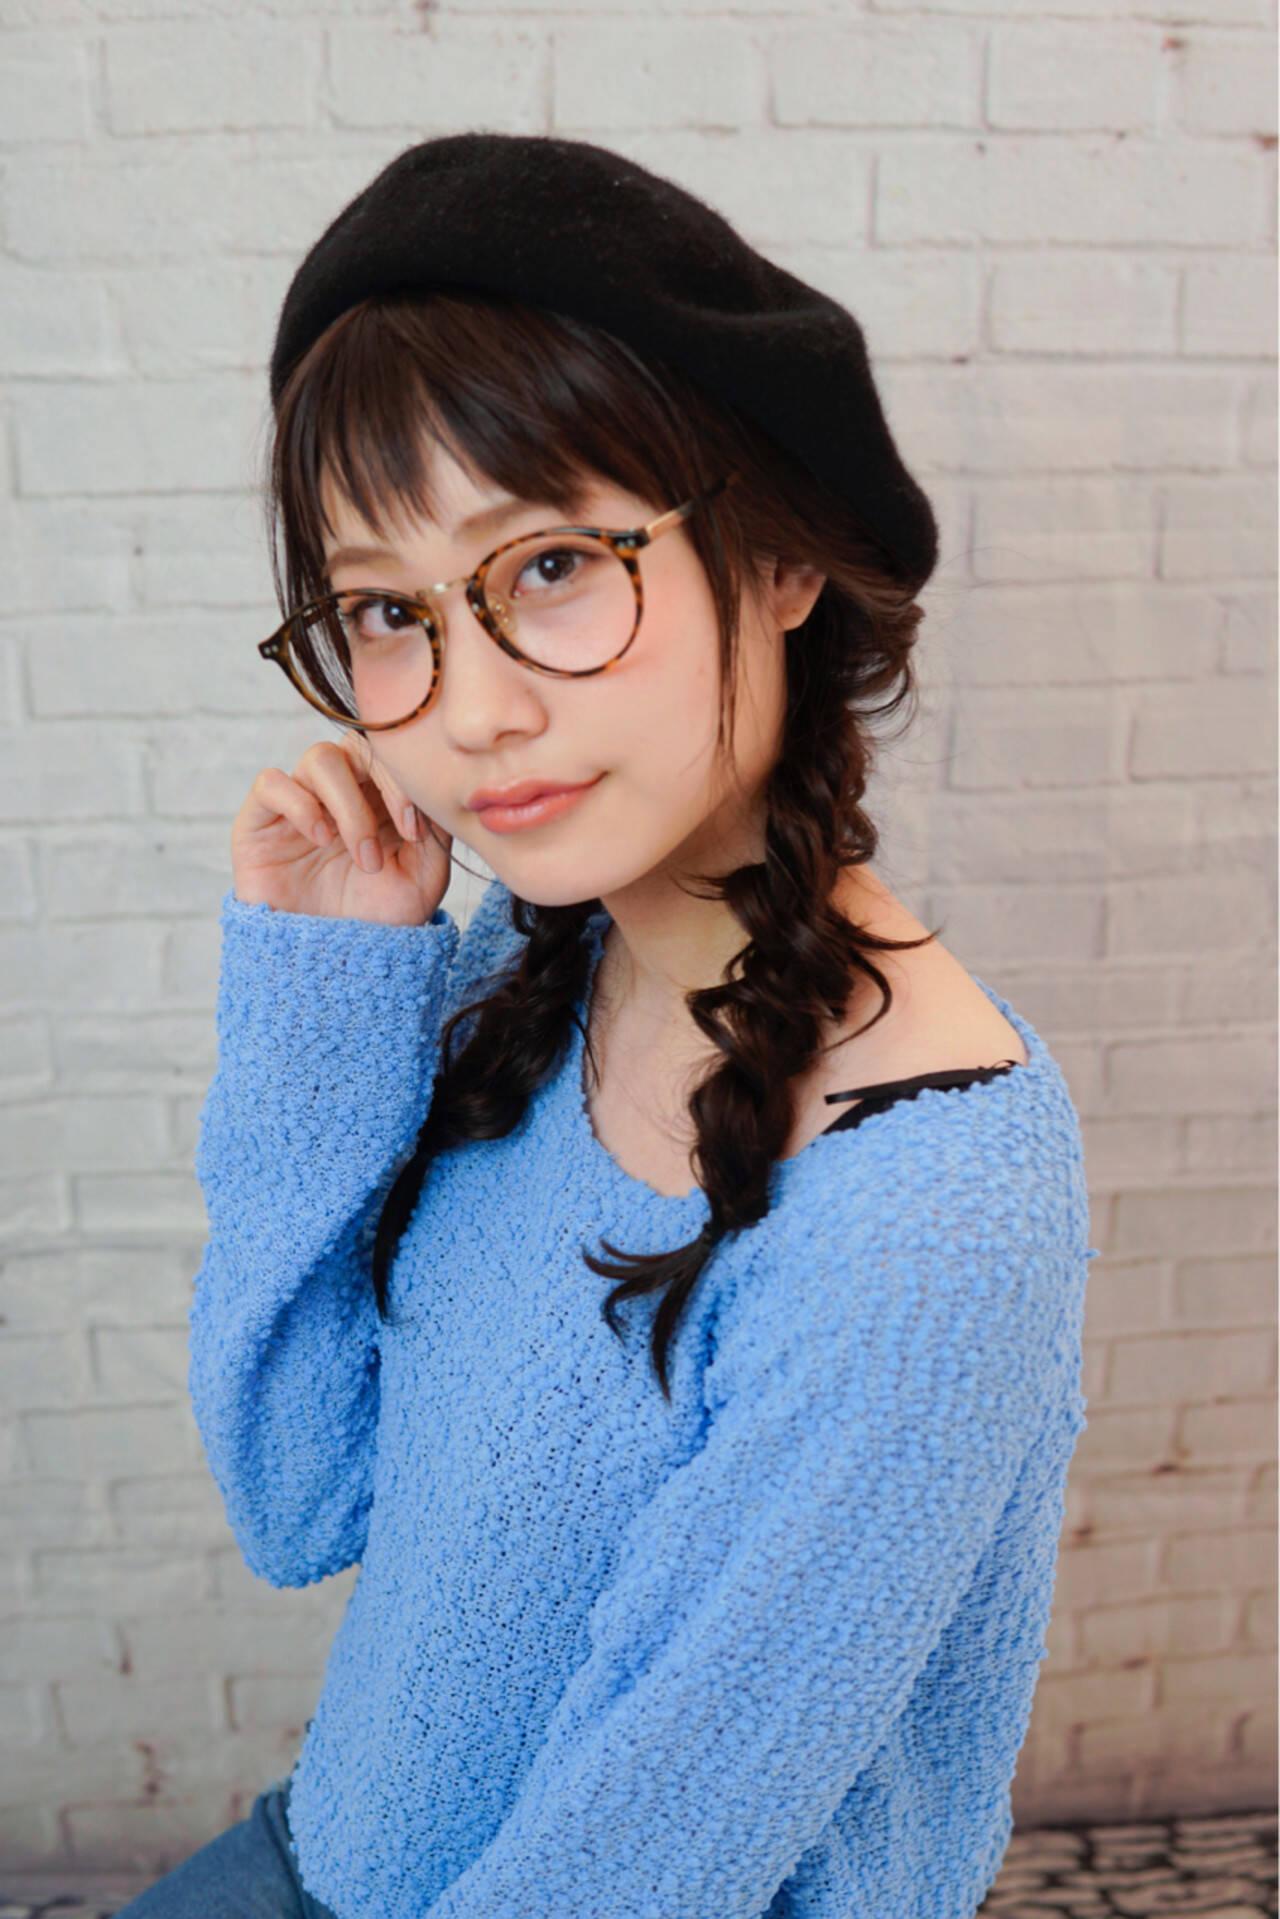 ヘアアレンジ ベレー帽 セミロング ツインテールヘアスタイルや髪型の写真・画像